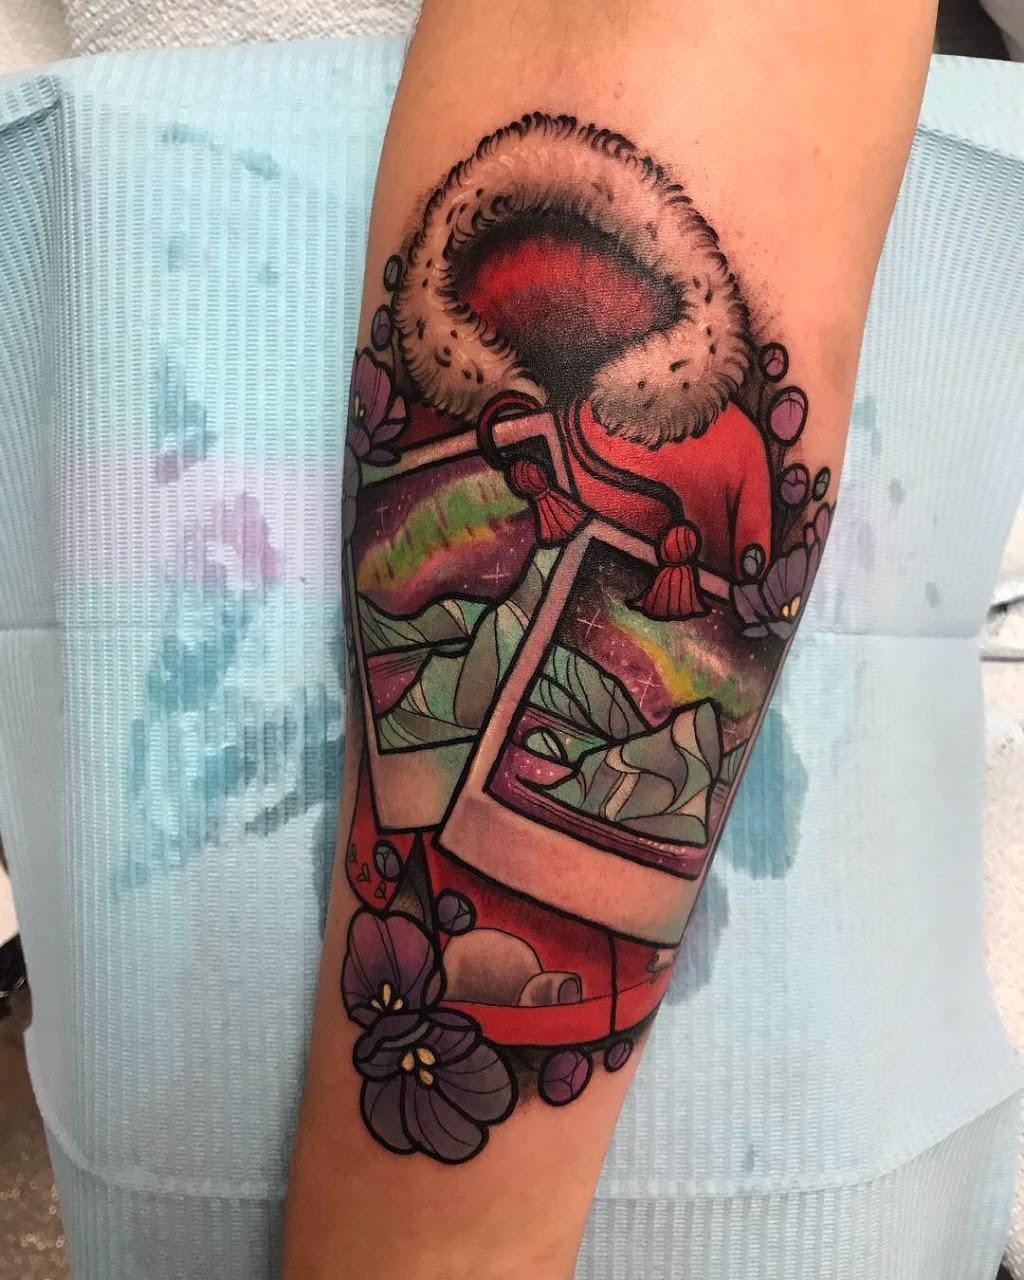 Darling Tattoos | store | 2590 Oxford St, Halifax, NS B3L 2T4, Canada